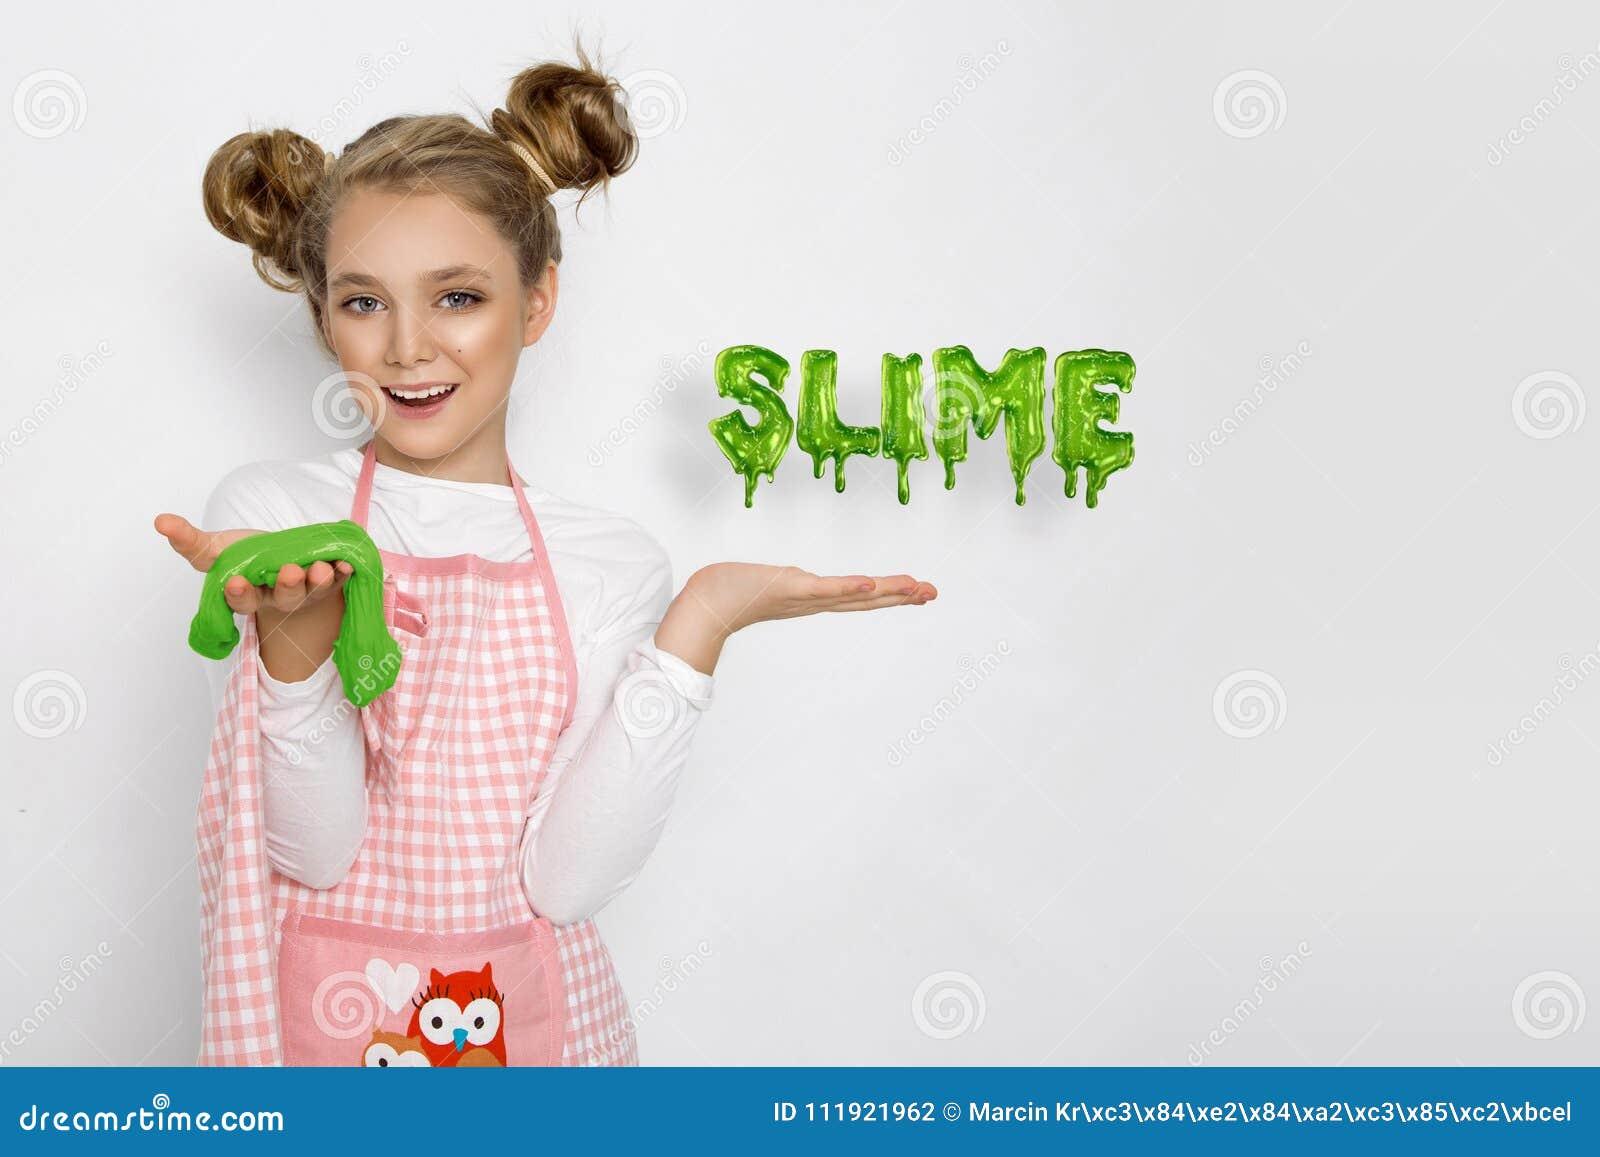 Nettes lustiges Mädchen mit Schlamm in der Küche Das Mädchen kocht und backt ihre Muffins, macht einen Kuchen und einen Schlamm